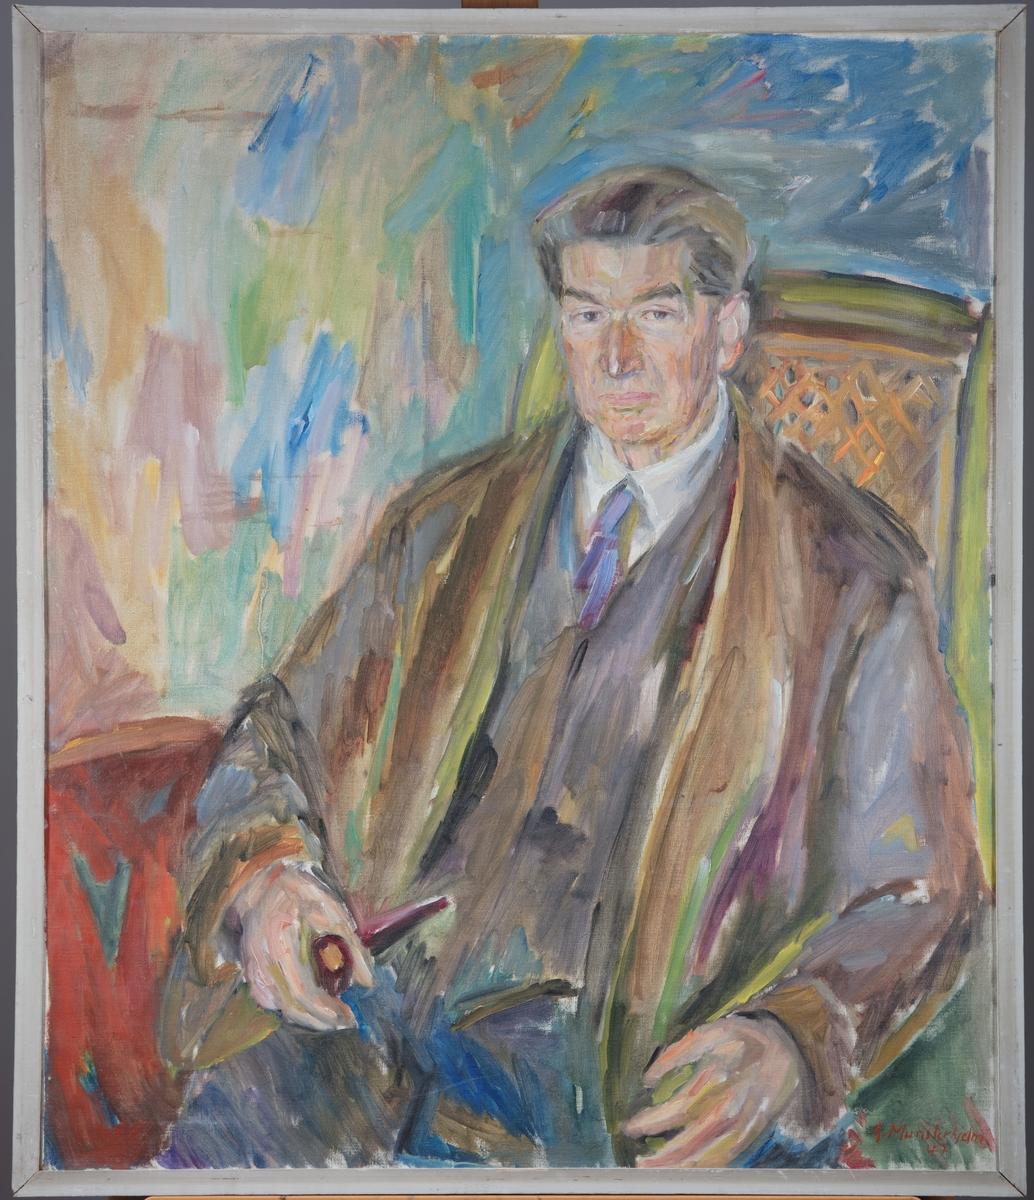 Portrett av Sigurd Sverdrup, 73 år gammel,  sittende i en stol i sitt hjem på Abbediengen i Oslo.